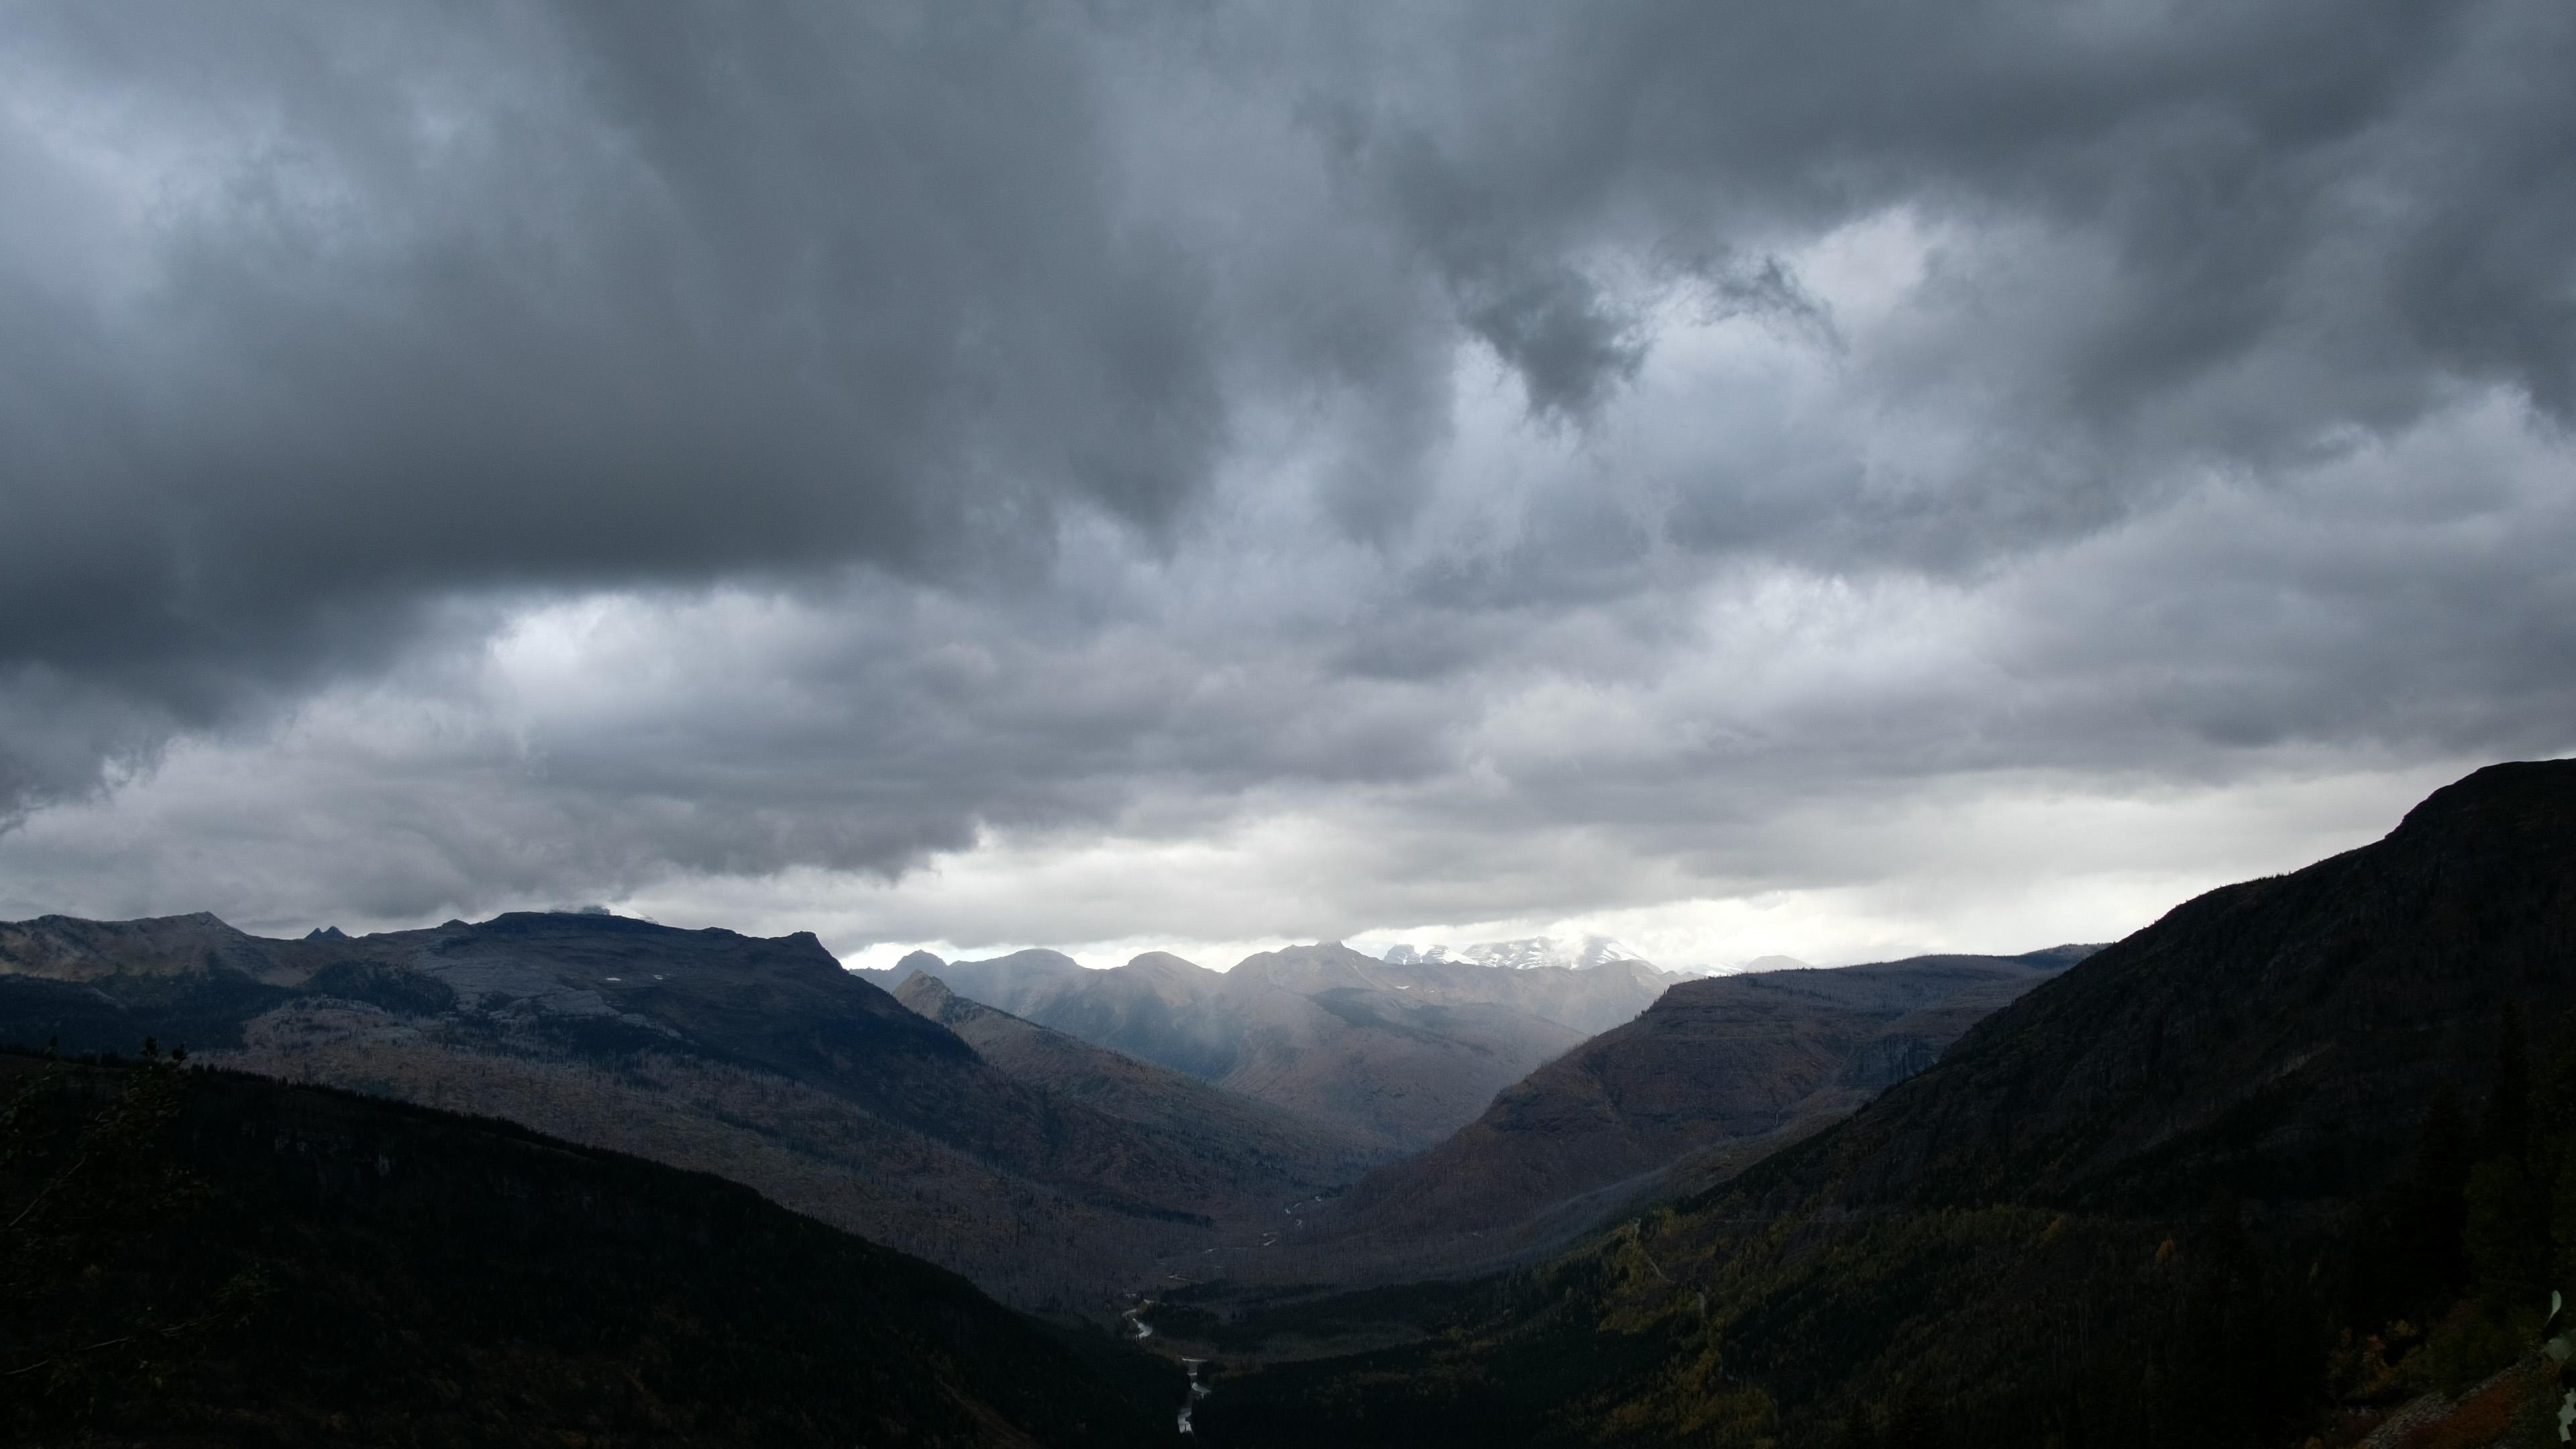 """""""Glacier N'tl Park"""" com a Fuji X-T2 + XF 18mm f/2R em 4KP30, PROVIA/Standard +2 Shadows; sem estourar o céu, há pouca informação nas sombras (clique para ver maior)."""